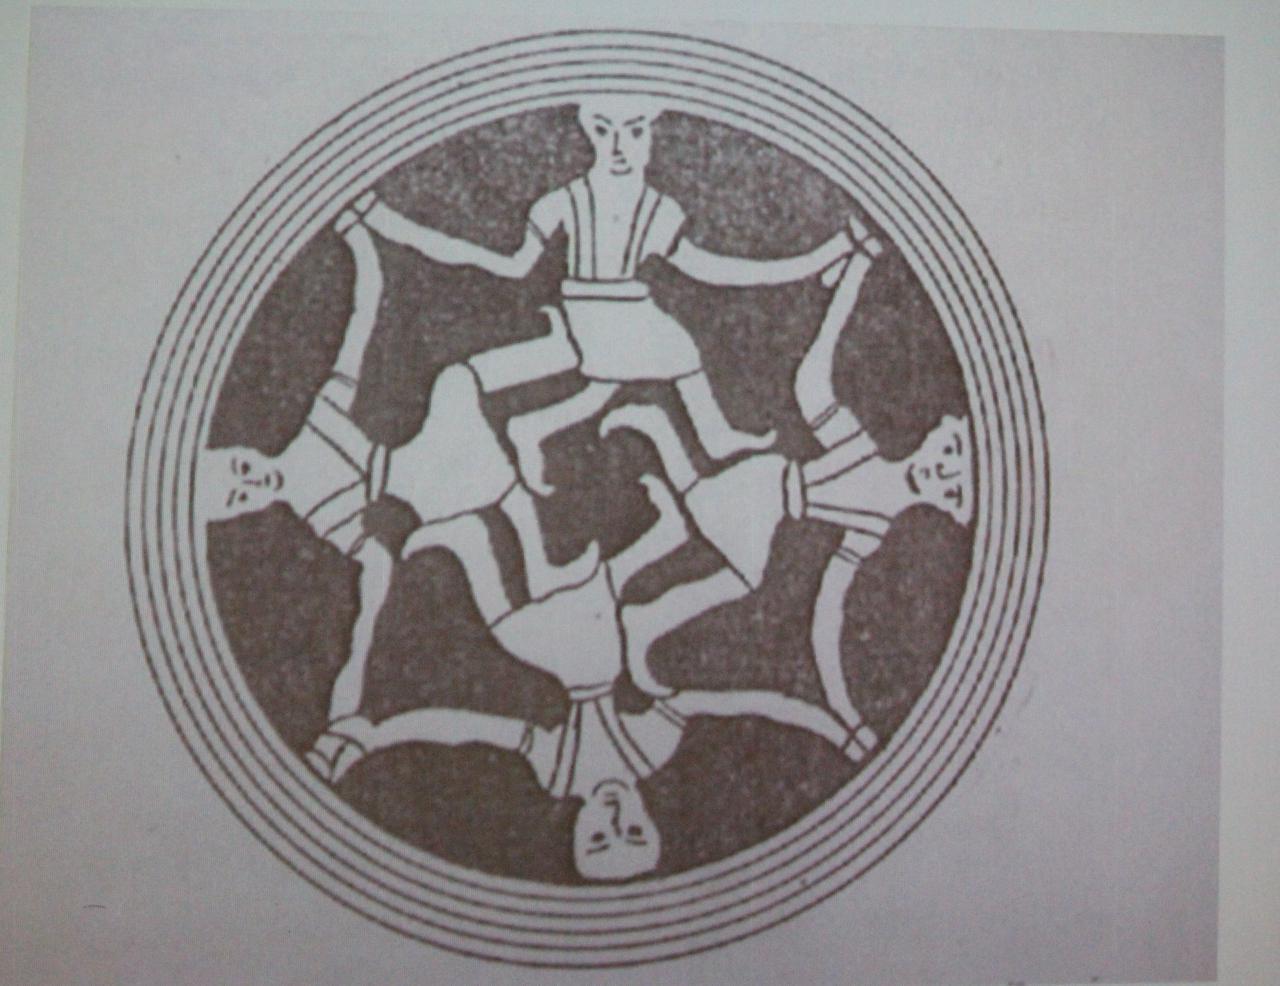 علیاکبر شکارچی: رقص لری یک آیین انسانی است